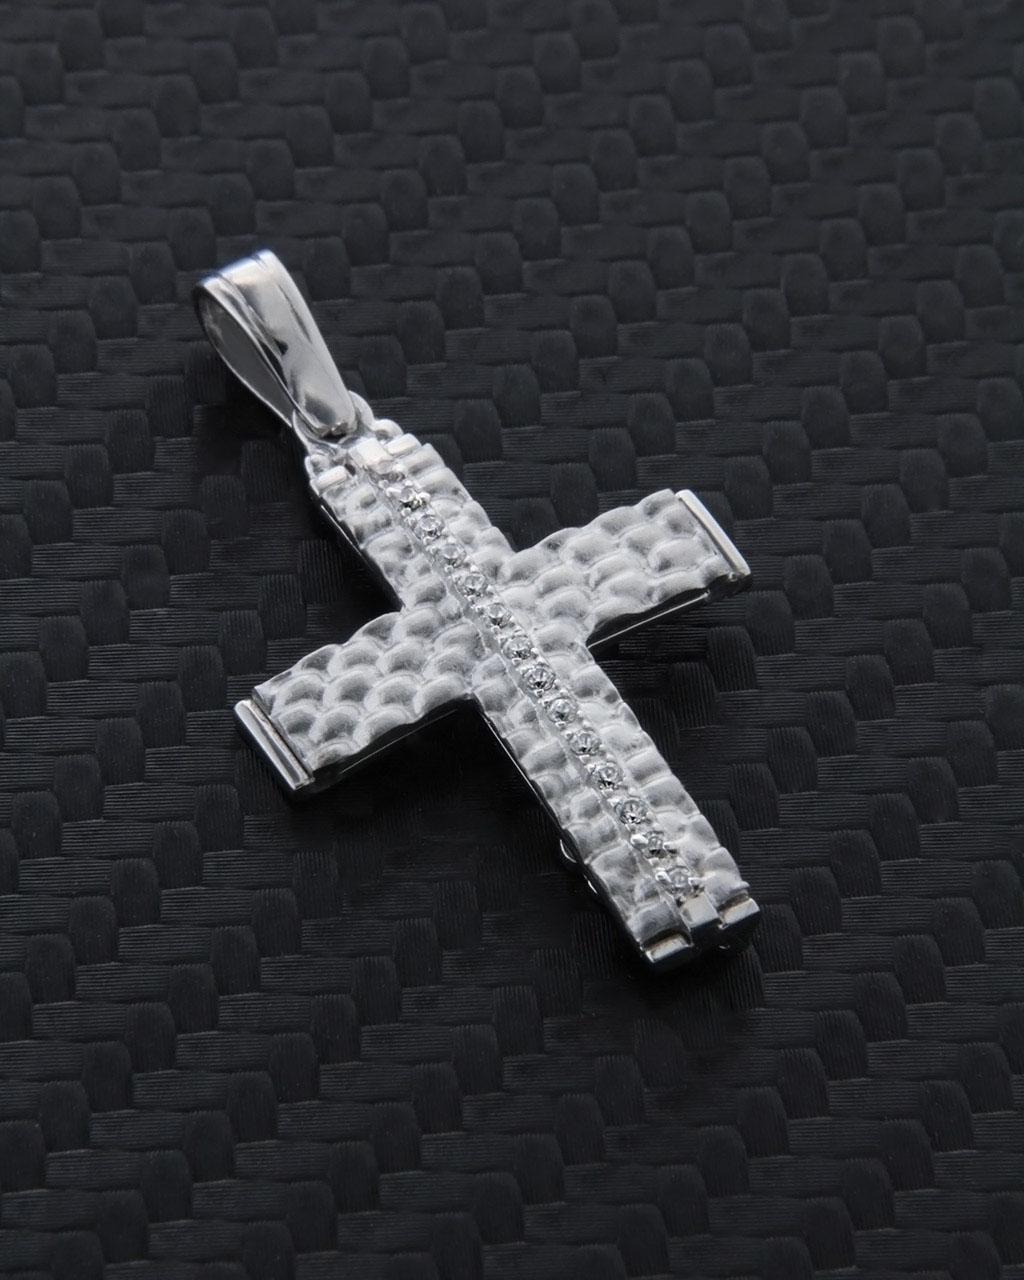 Σταυρός βάπτισης λευκόχρυσος Κ14 με Ζιργκόν δύο όψεων   παιδι βαπτιστικοί σταυροί βαπτιστικοί σταυροί για κορίτσι